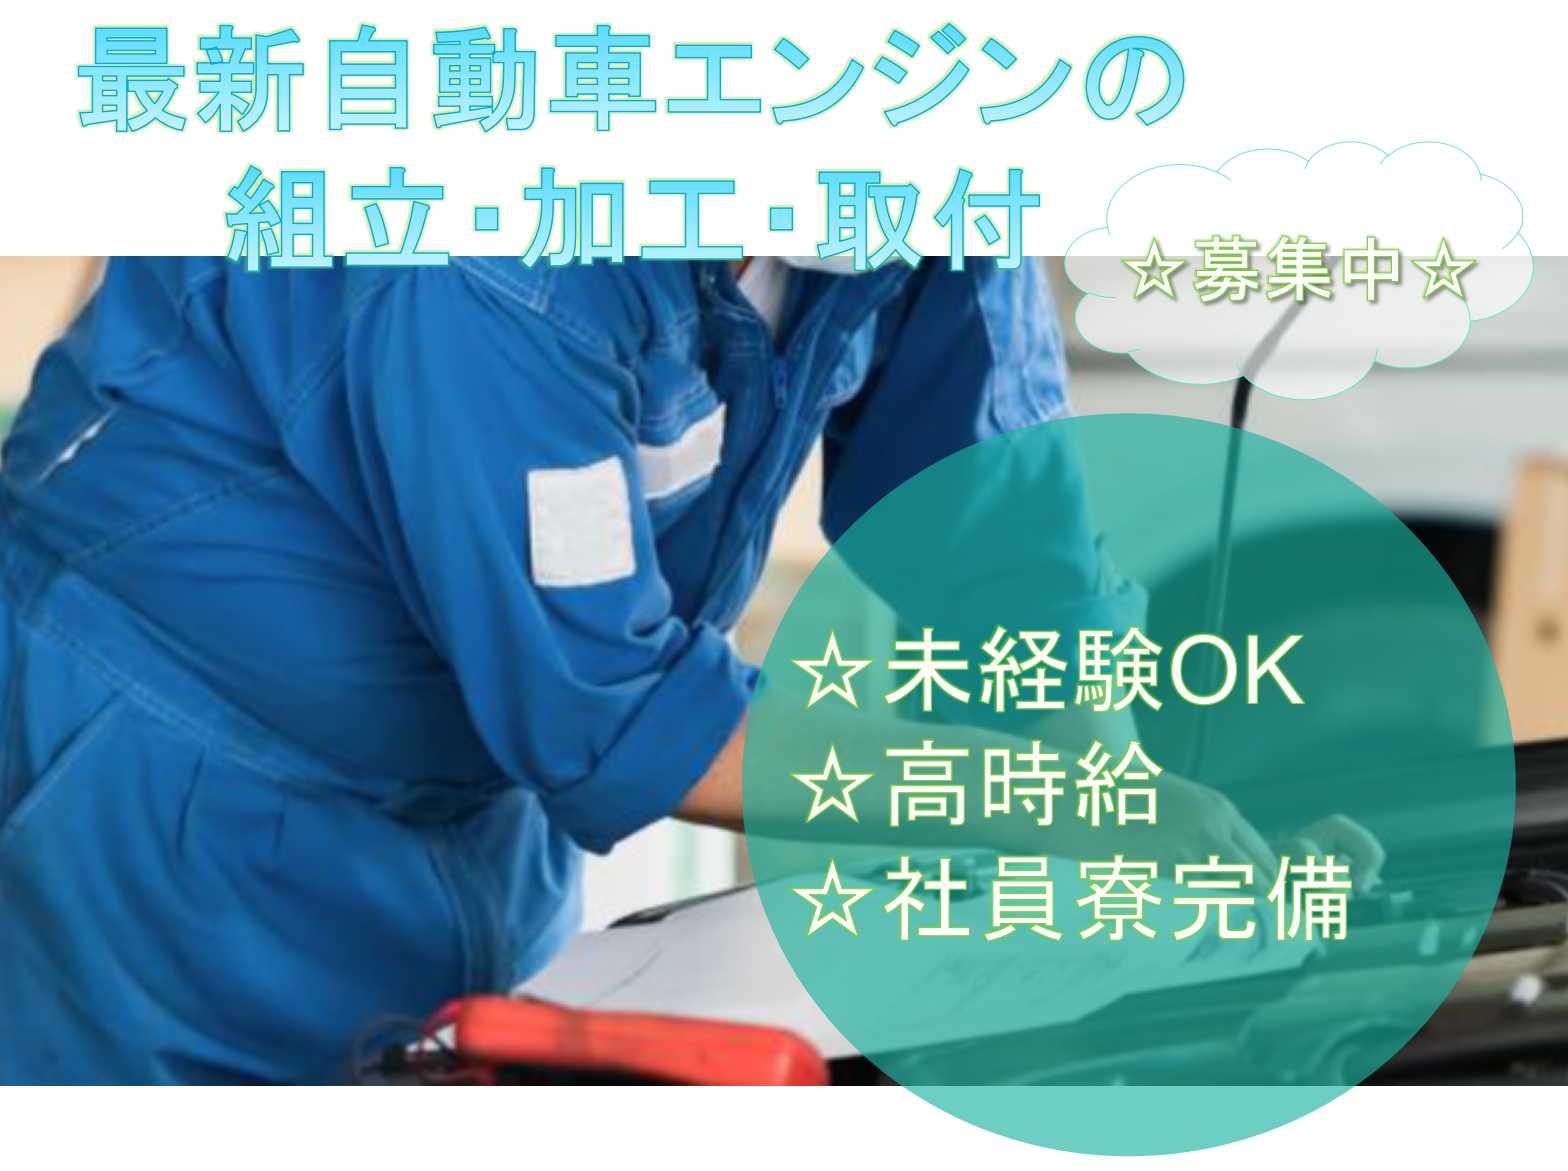 【神奈川県横浜市】未経験OK◆時給1400円の高時給◆最新自動車エンジンの組立・加工・取付◆ イメージ